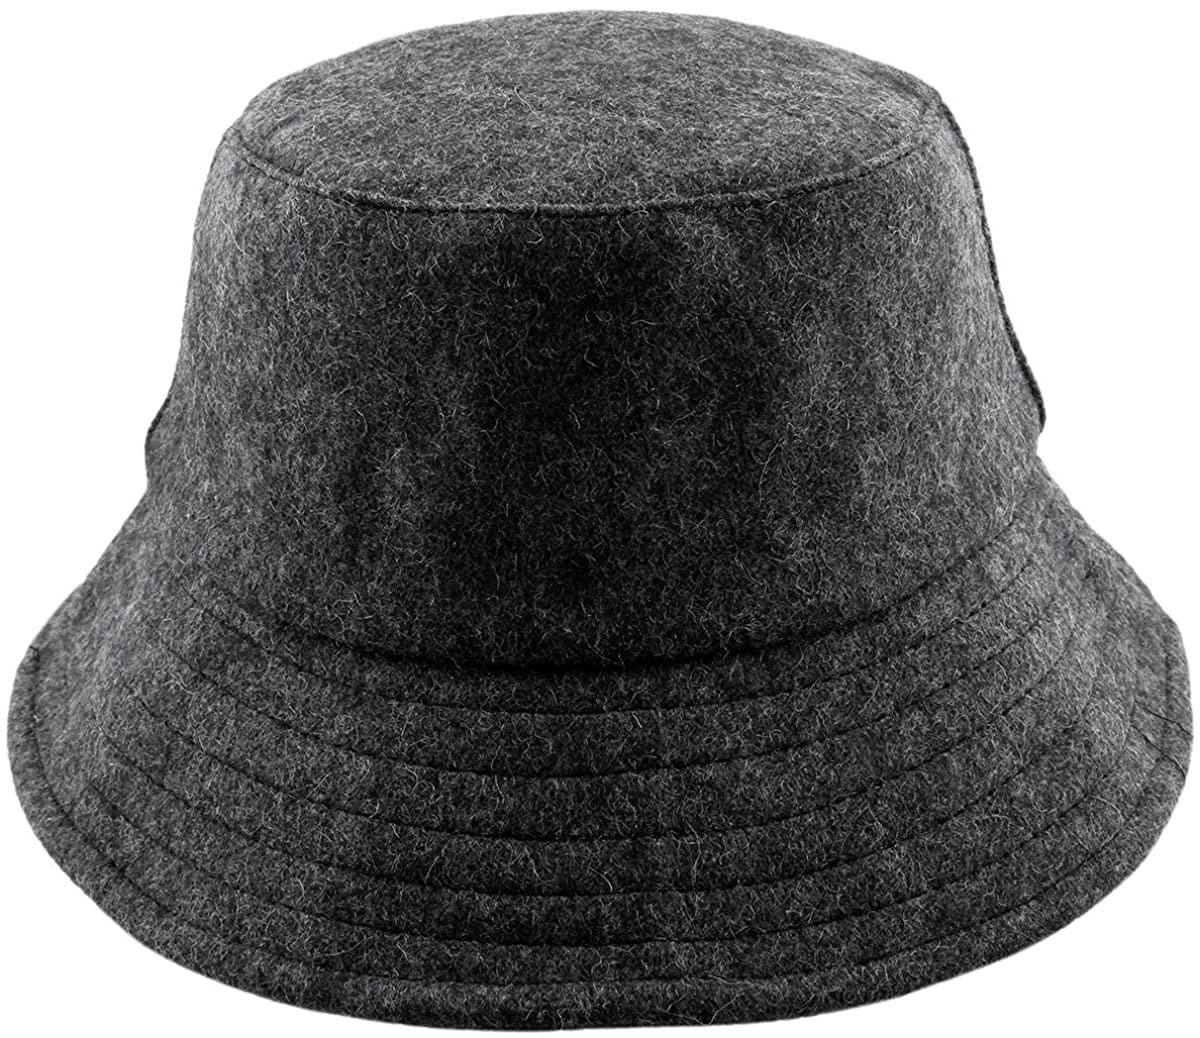 squaregarden Bucket Hats for Men Women, Woolen Outdoor Fishing Hunting Hat Sun Cap